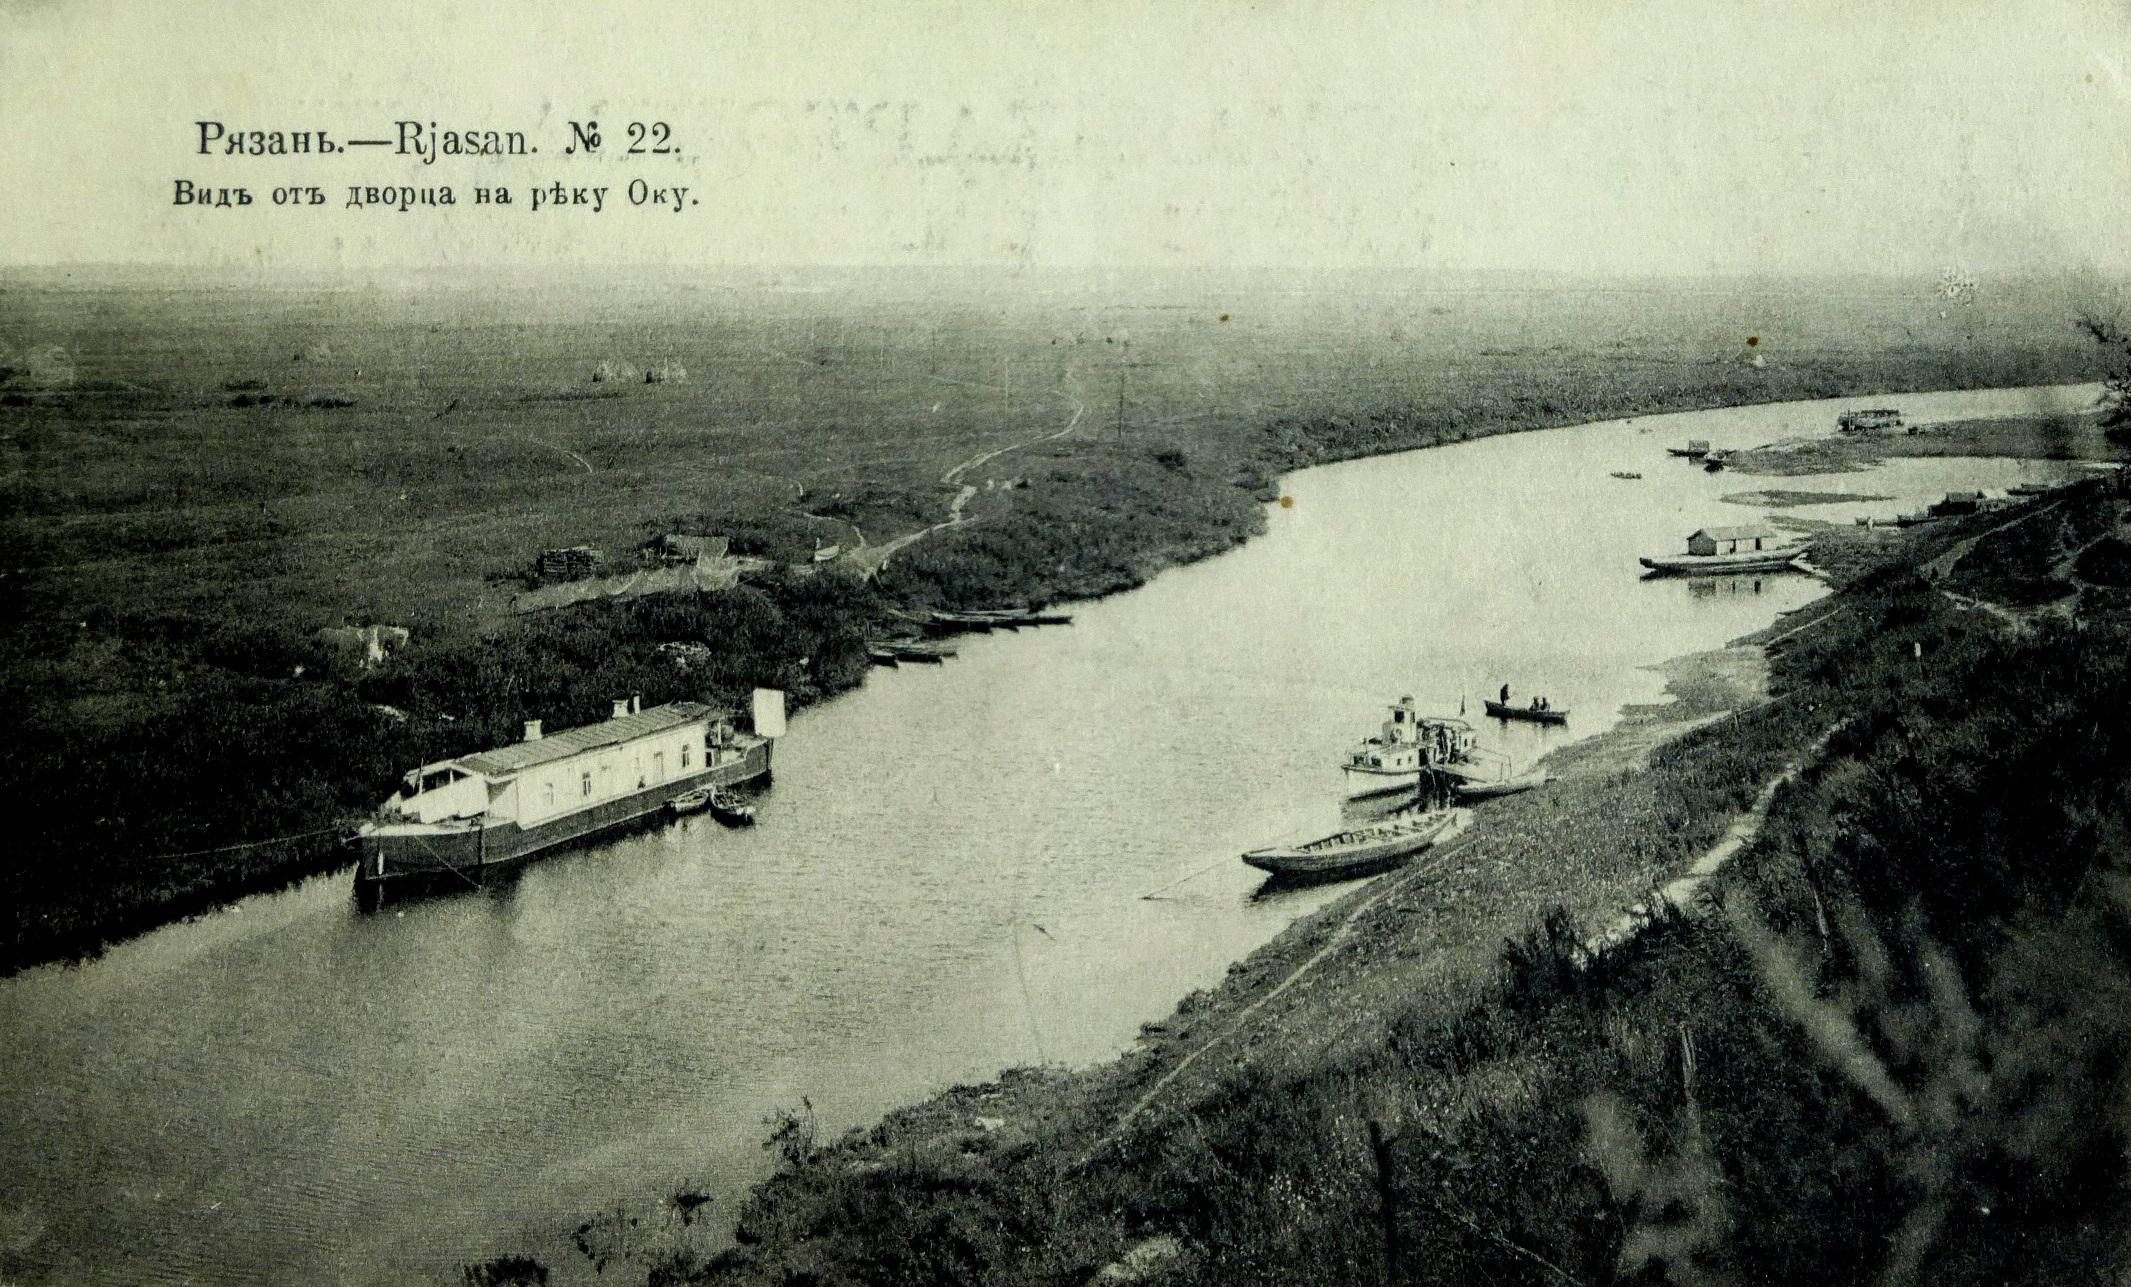 Вид от дворца на р. Трубеж